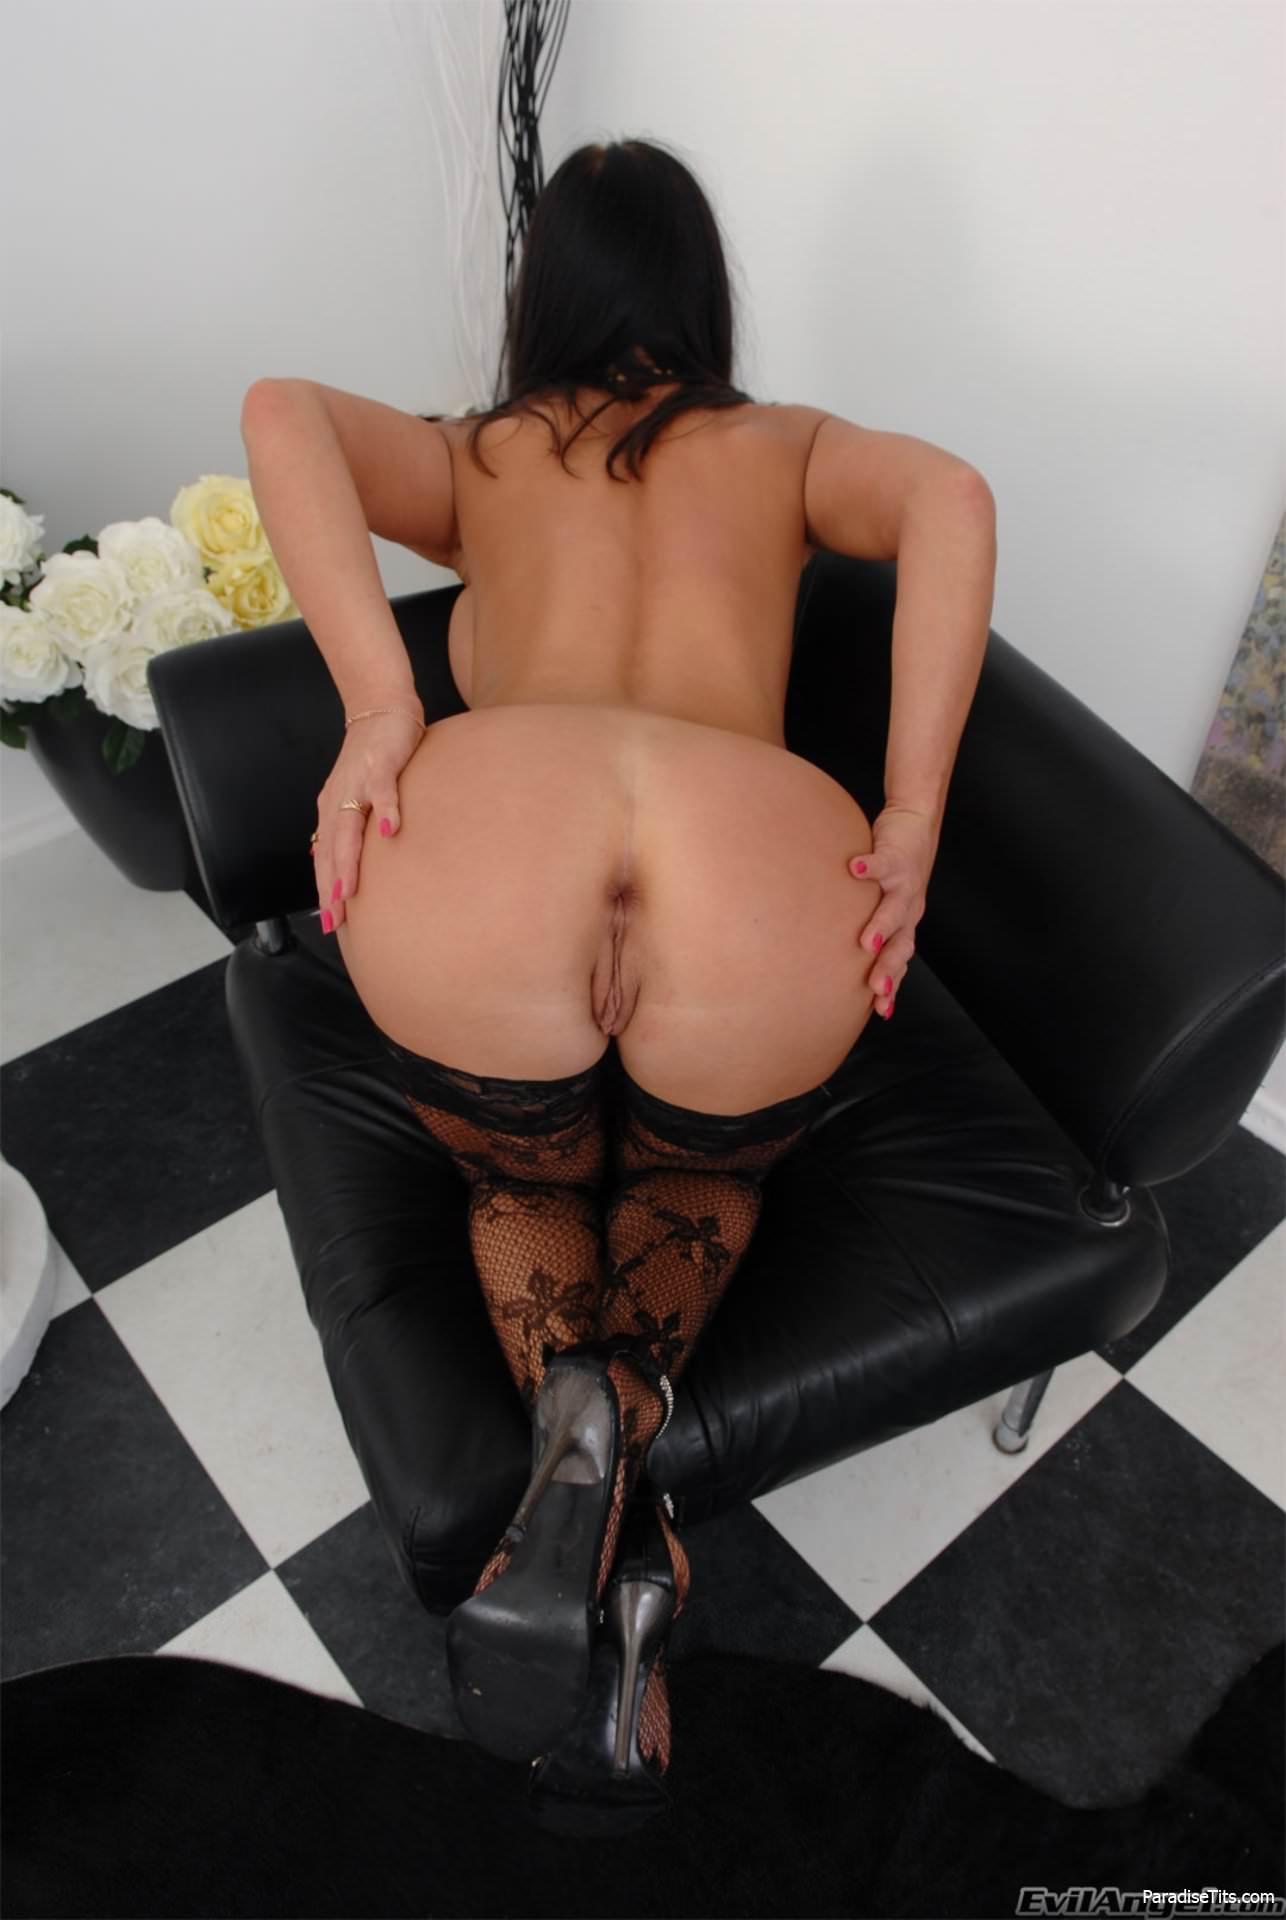 Порно фото с развратной брюнеткой в чулках, которая стоит раком и демонстрирует вагину